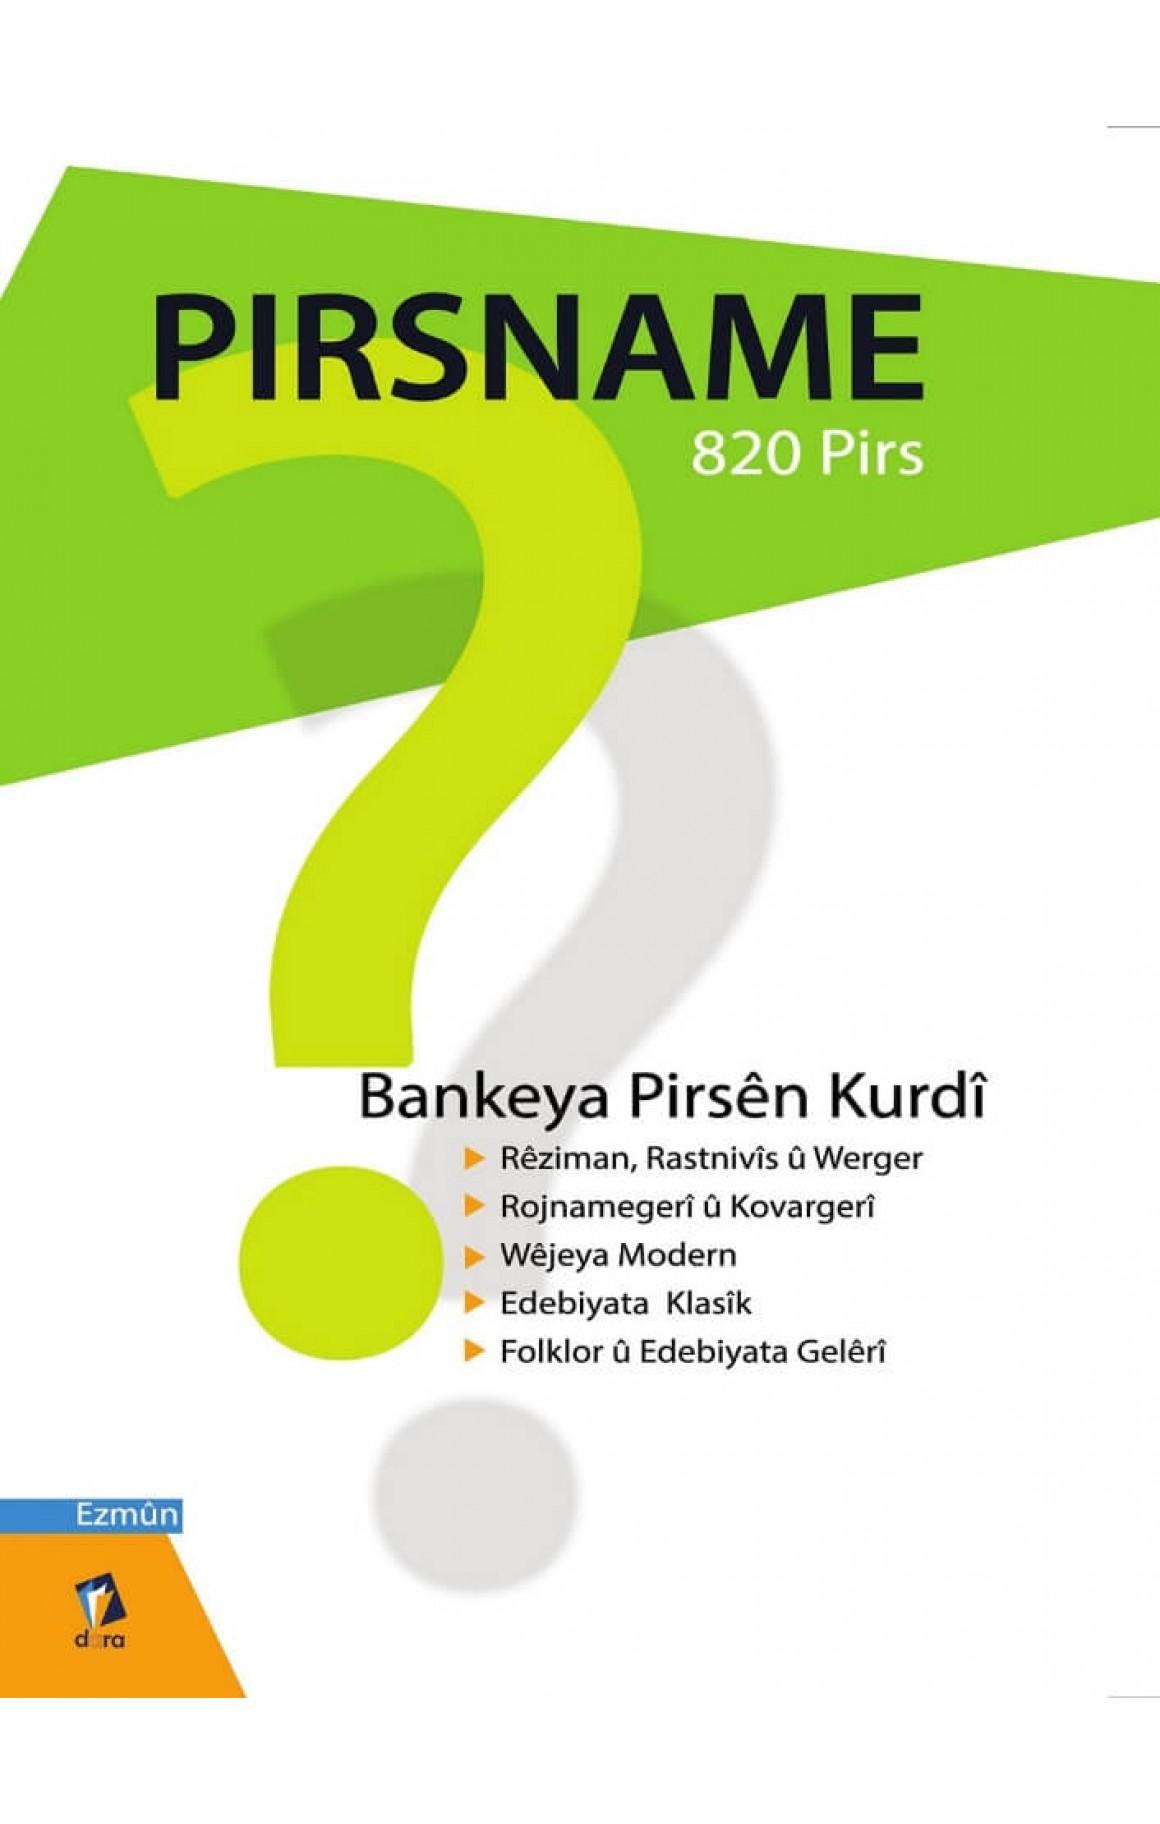 Pirsname - Bankeya Pirsên Kurdî